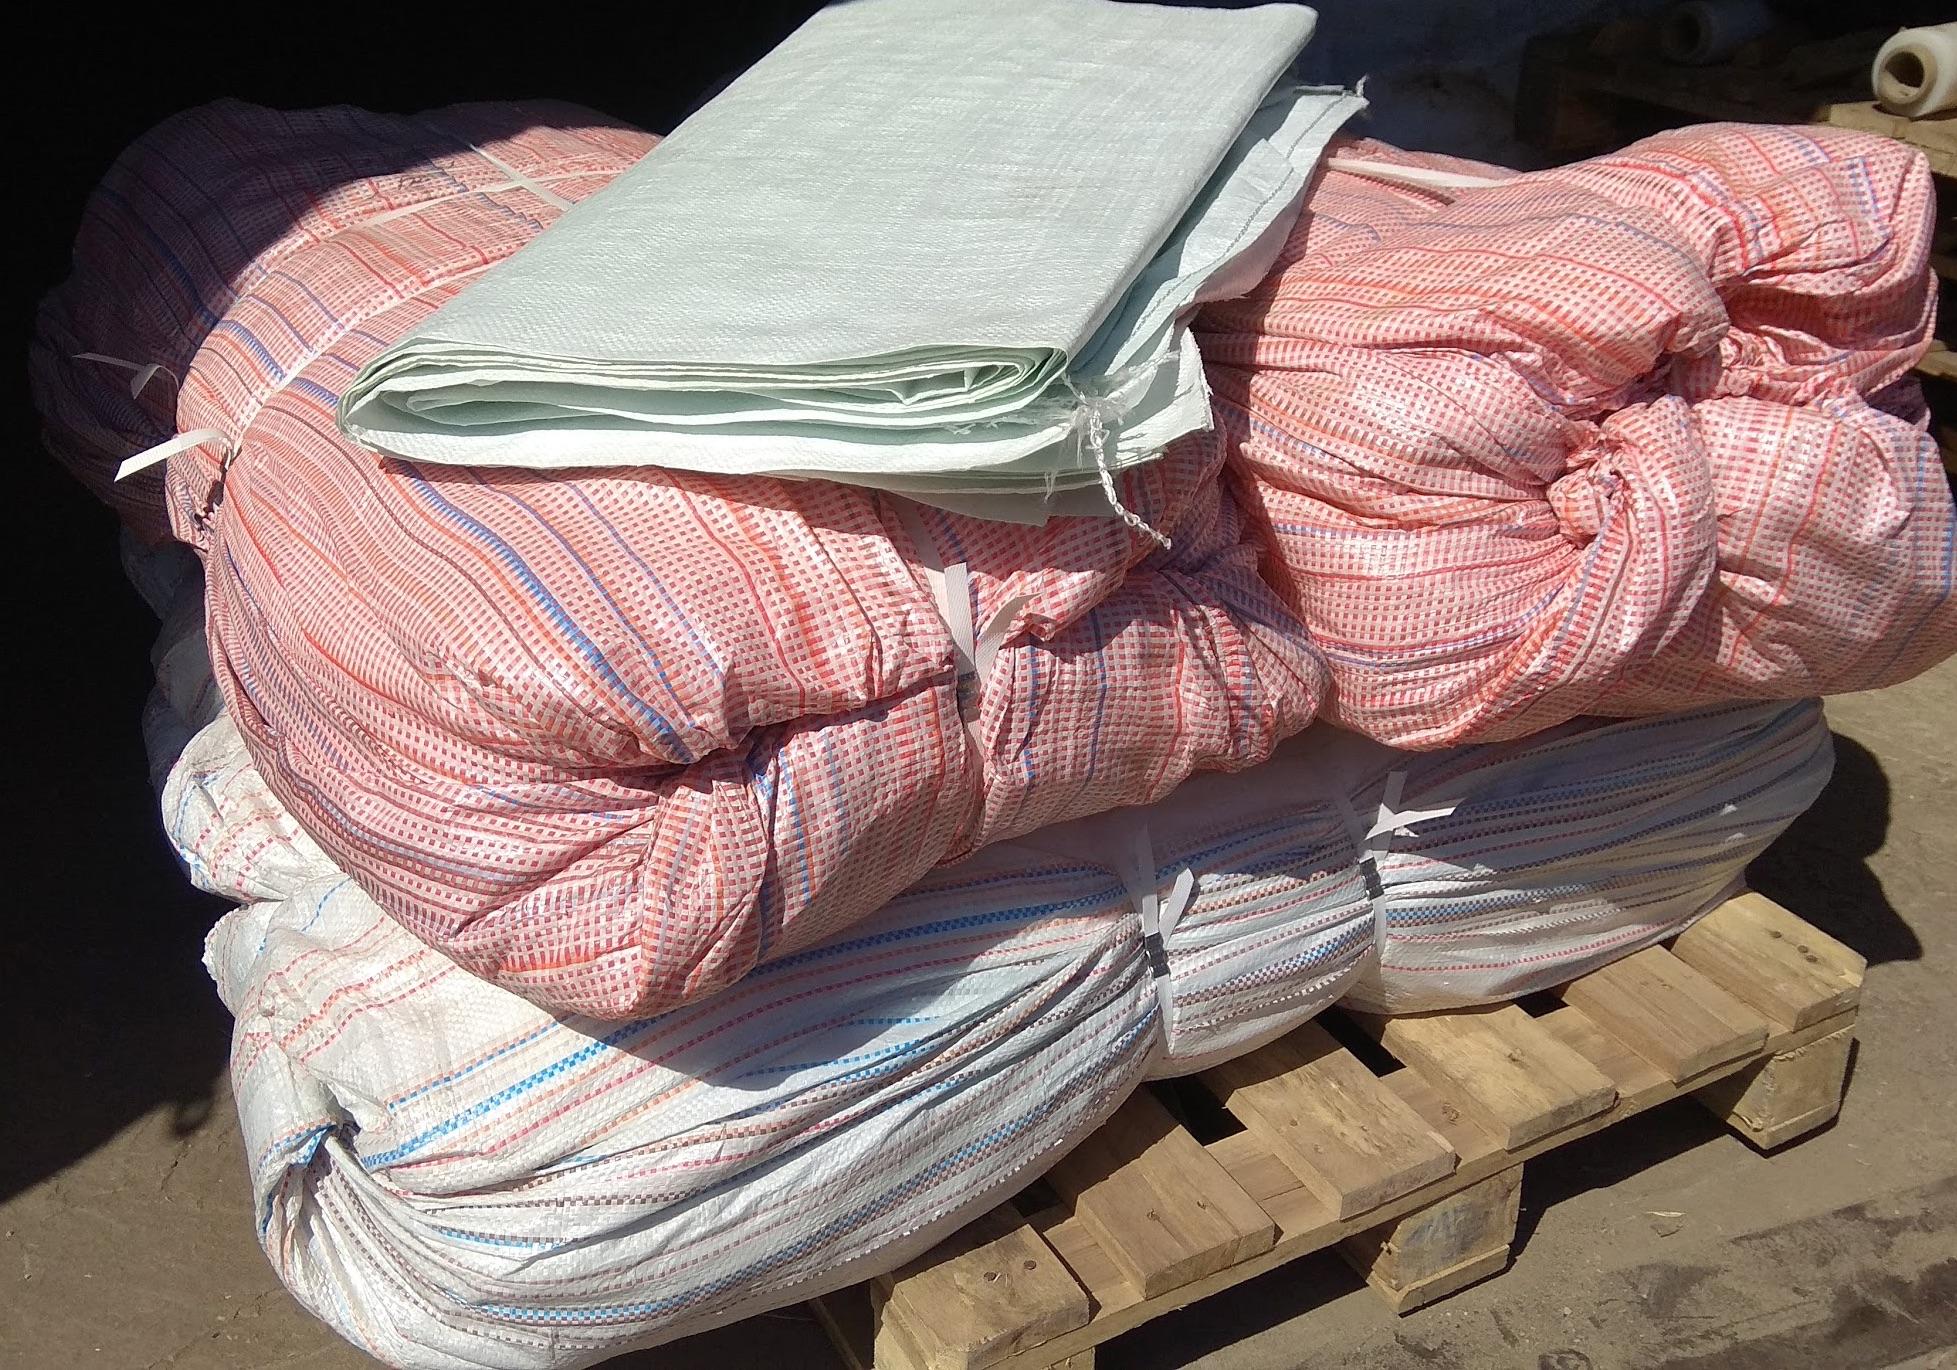 Мешки полипропиленовые  100 * 150 см. высший сорт, большие на 100 кг. вес 200 гр